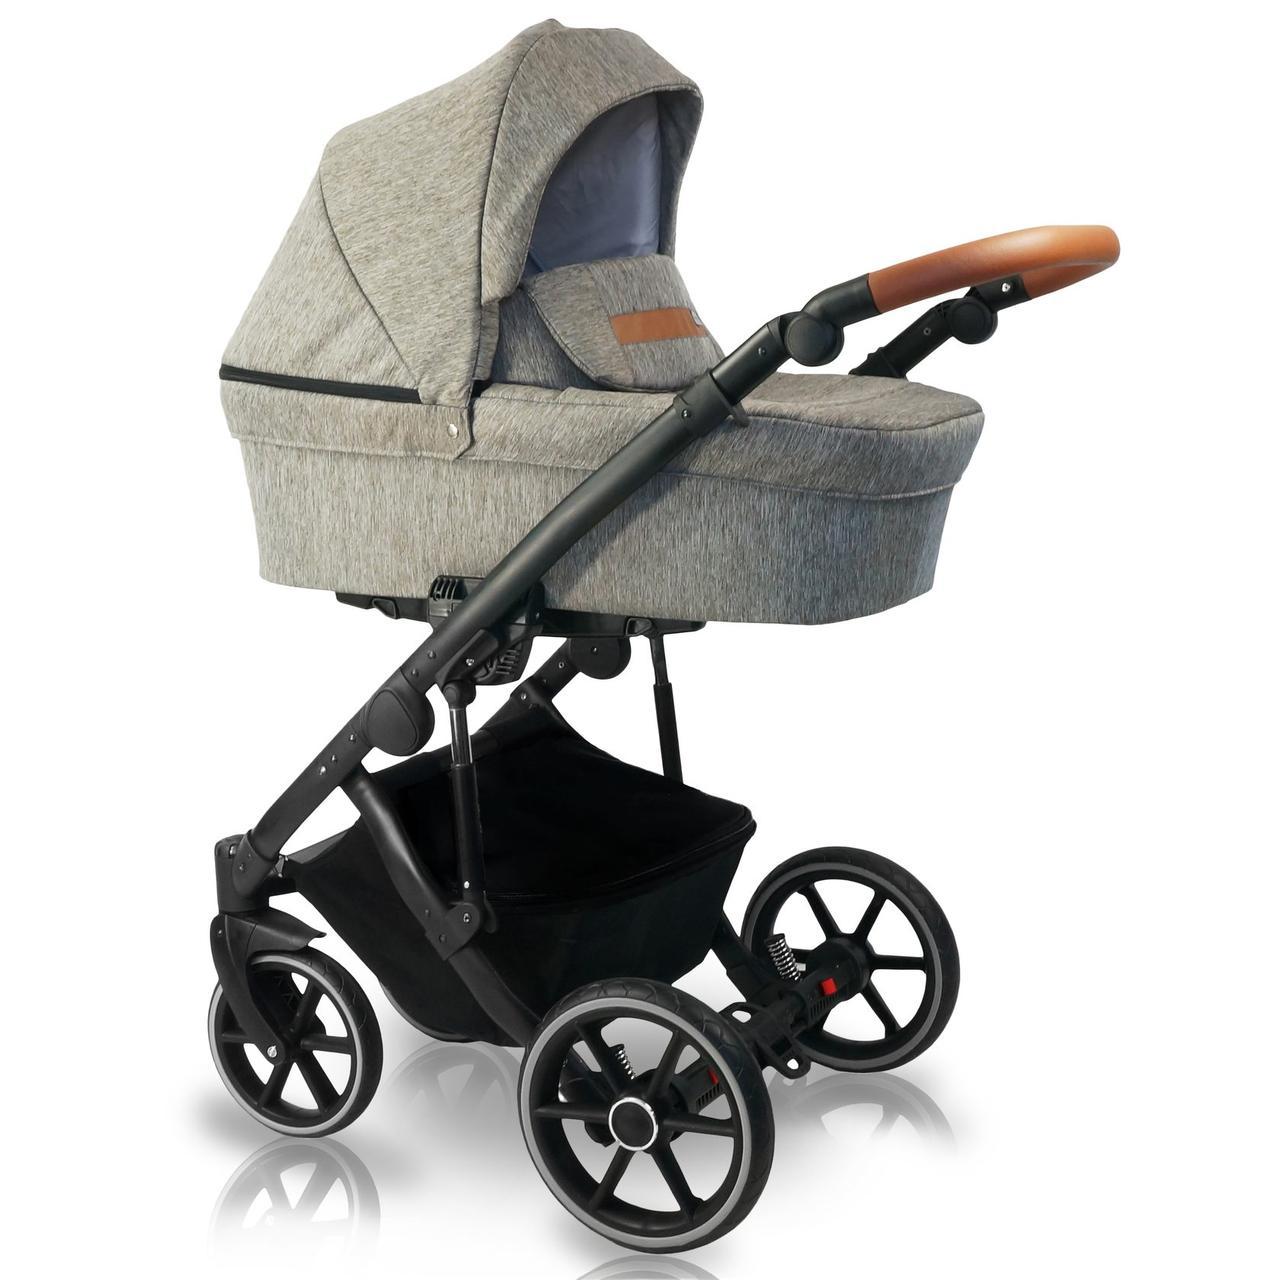 Универсальная детская коляска Bexa Line 2.0 2 в 1